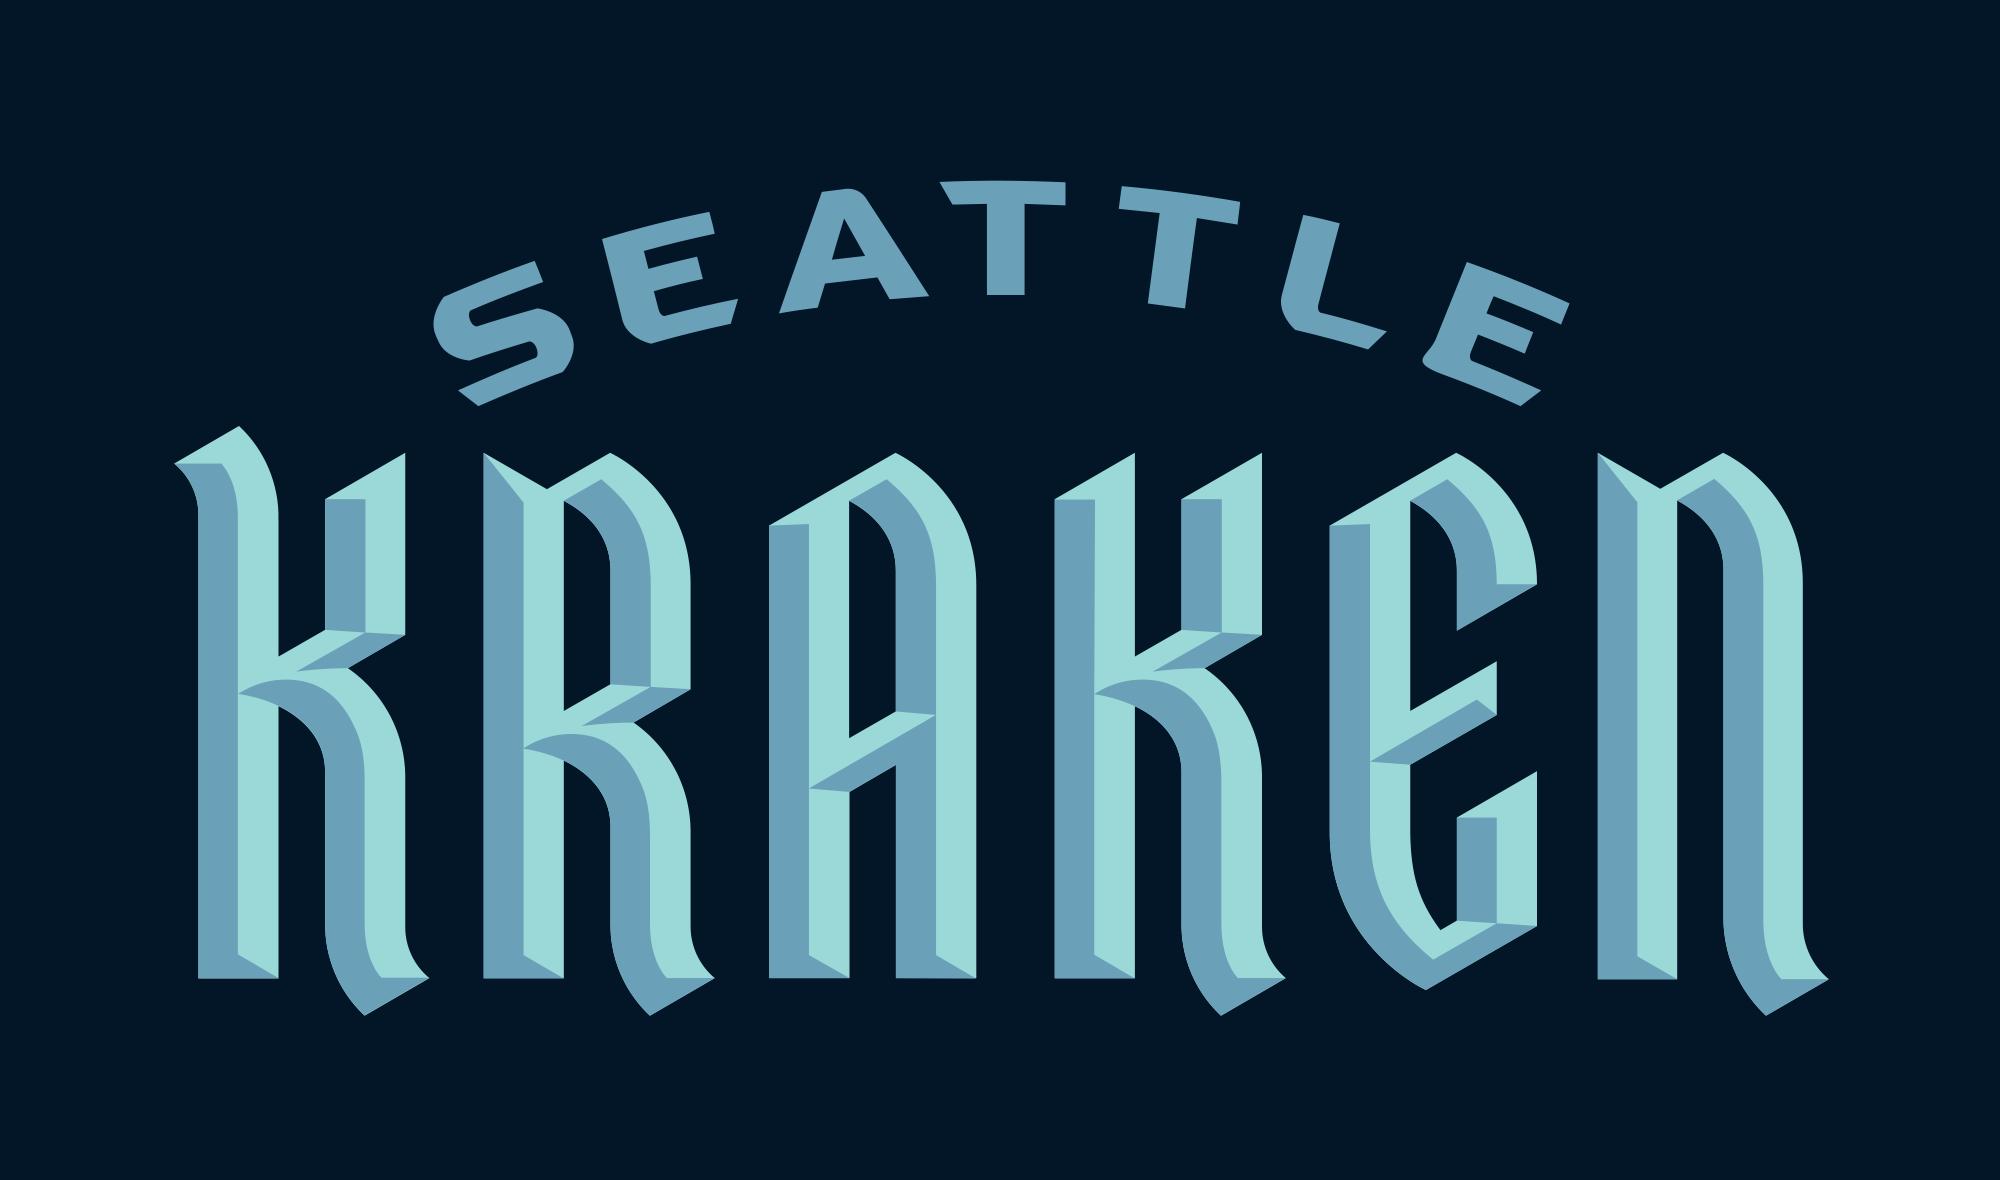 New Name and Logo for Seattle Kraken